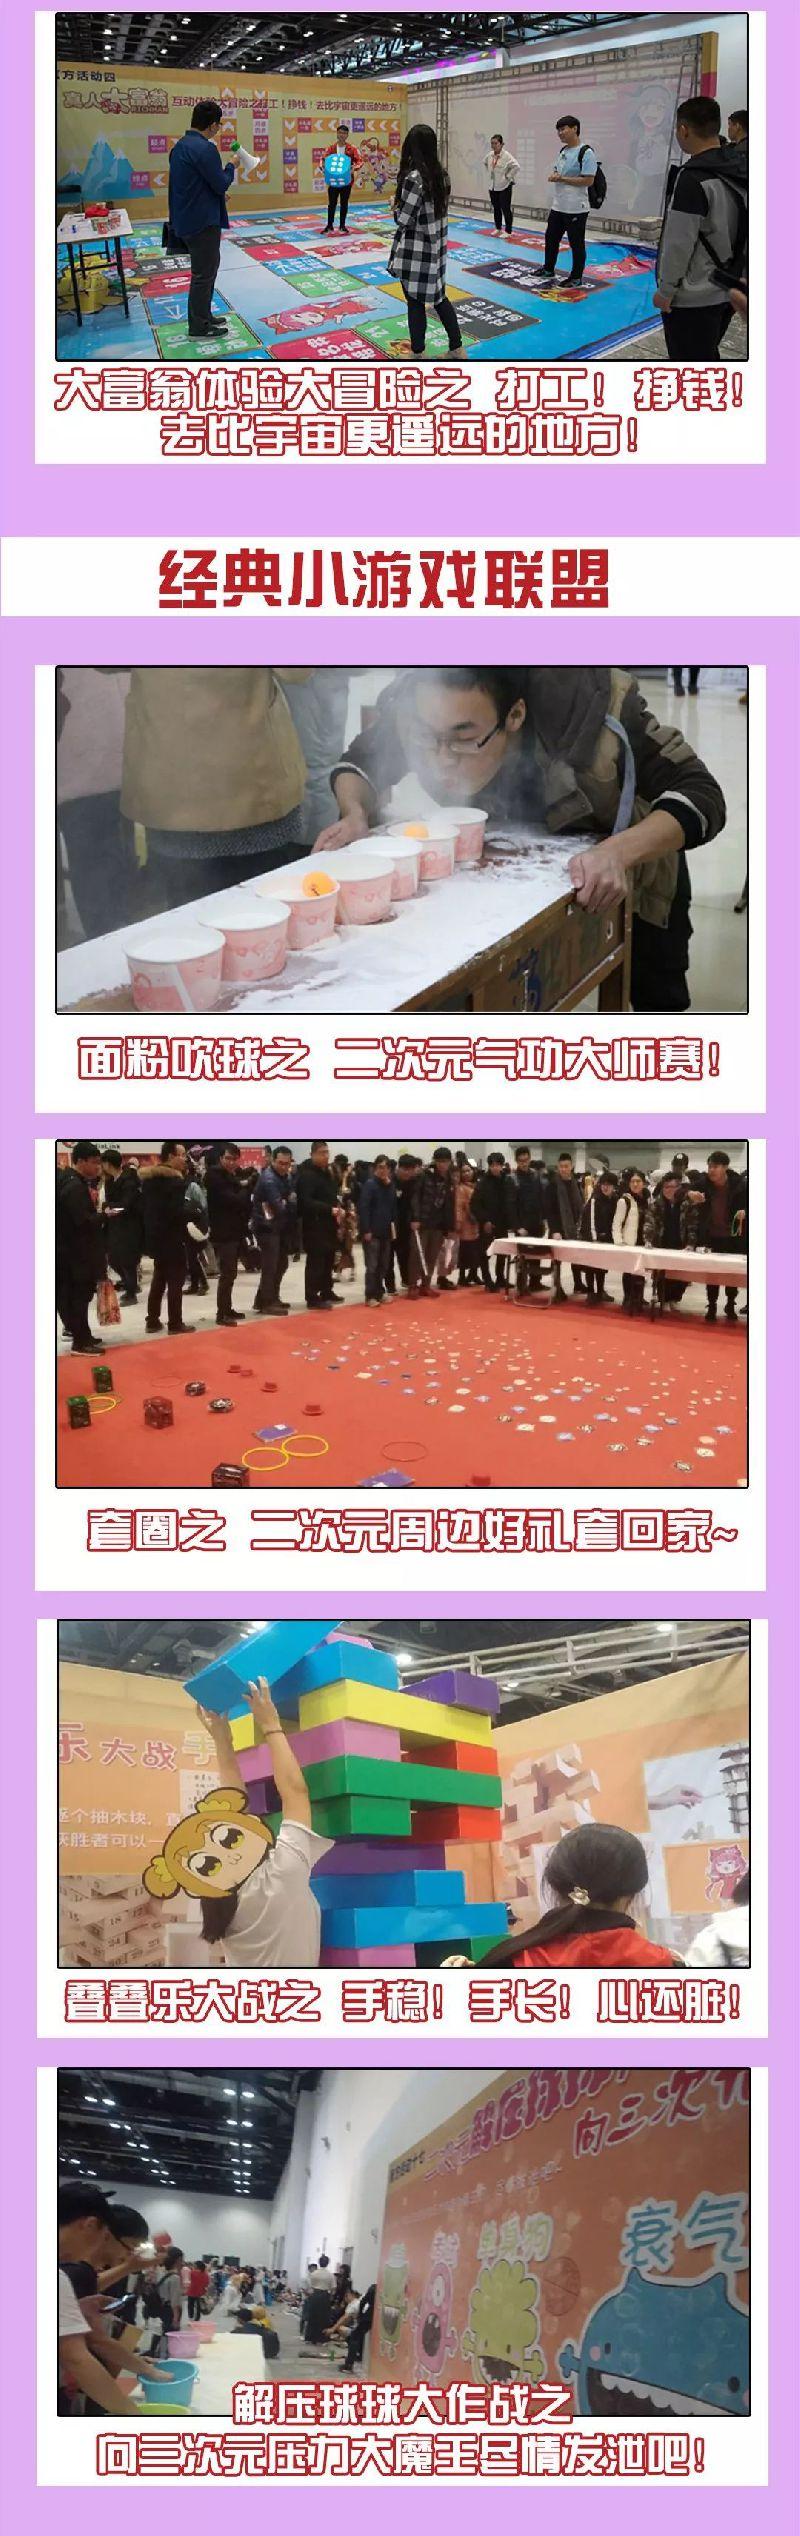 2018北京IDO国际动漫展(活动时间 地点 攻略 时间表)